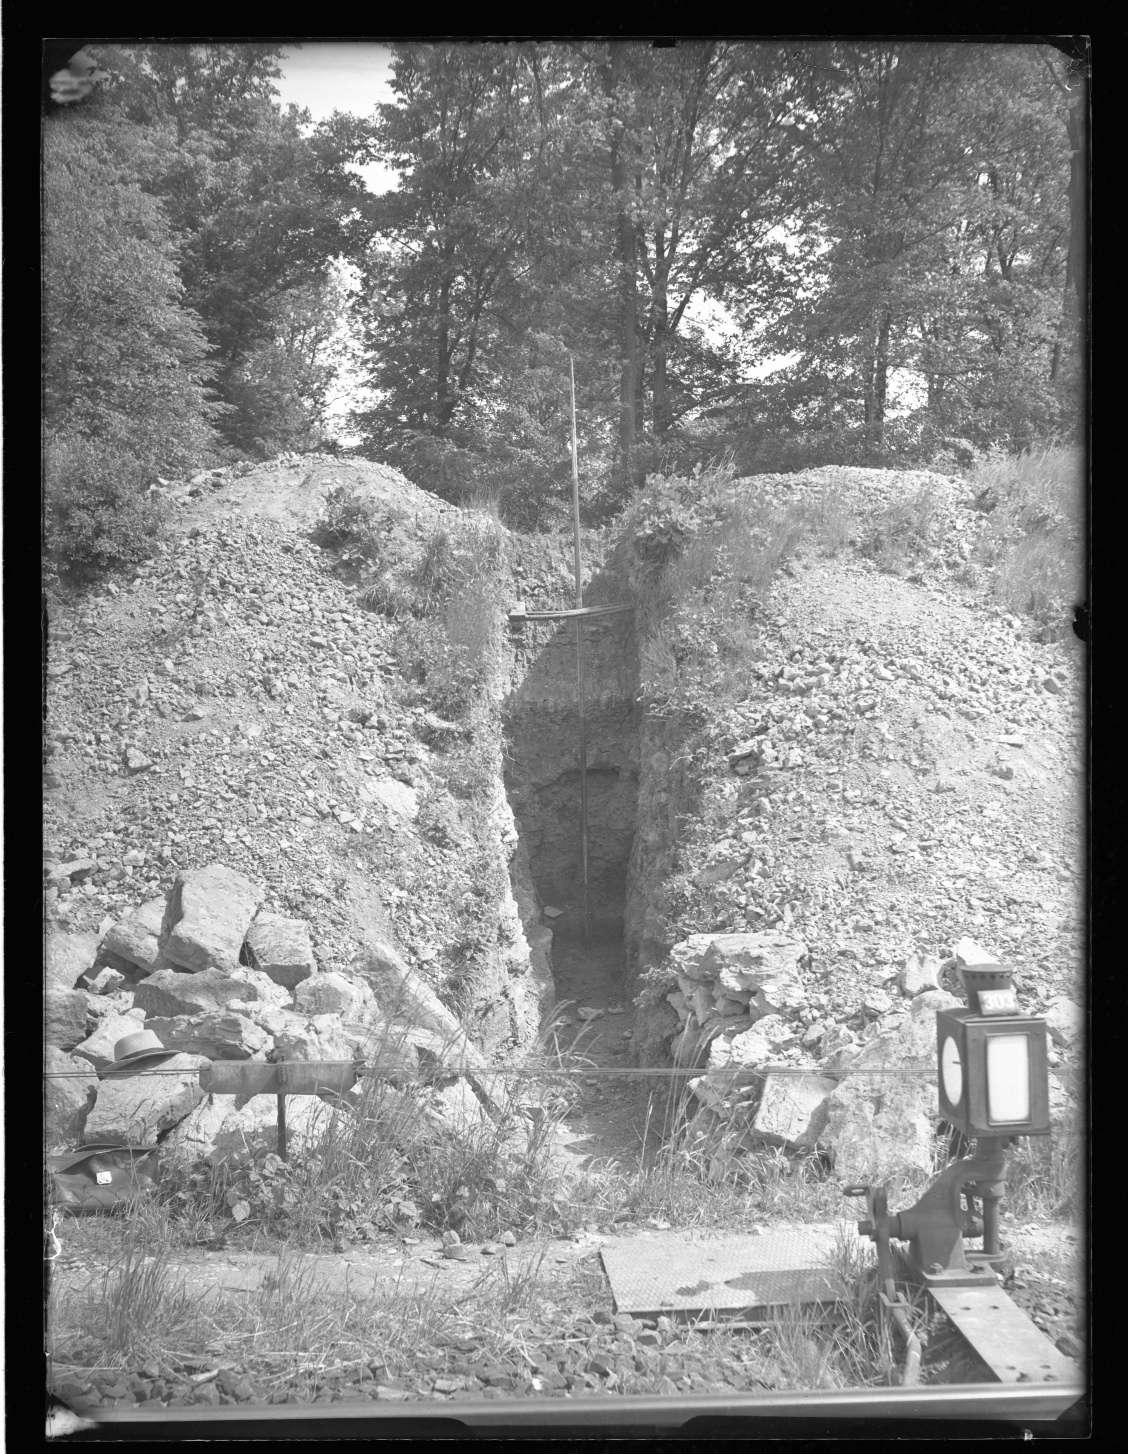 Bietigheim (Württ.), Erdschichtgruben, Bild 1